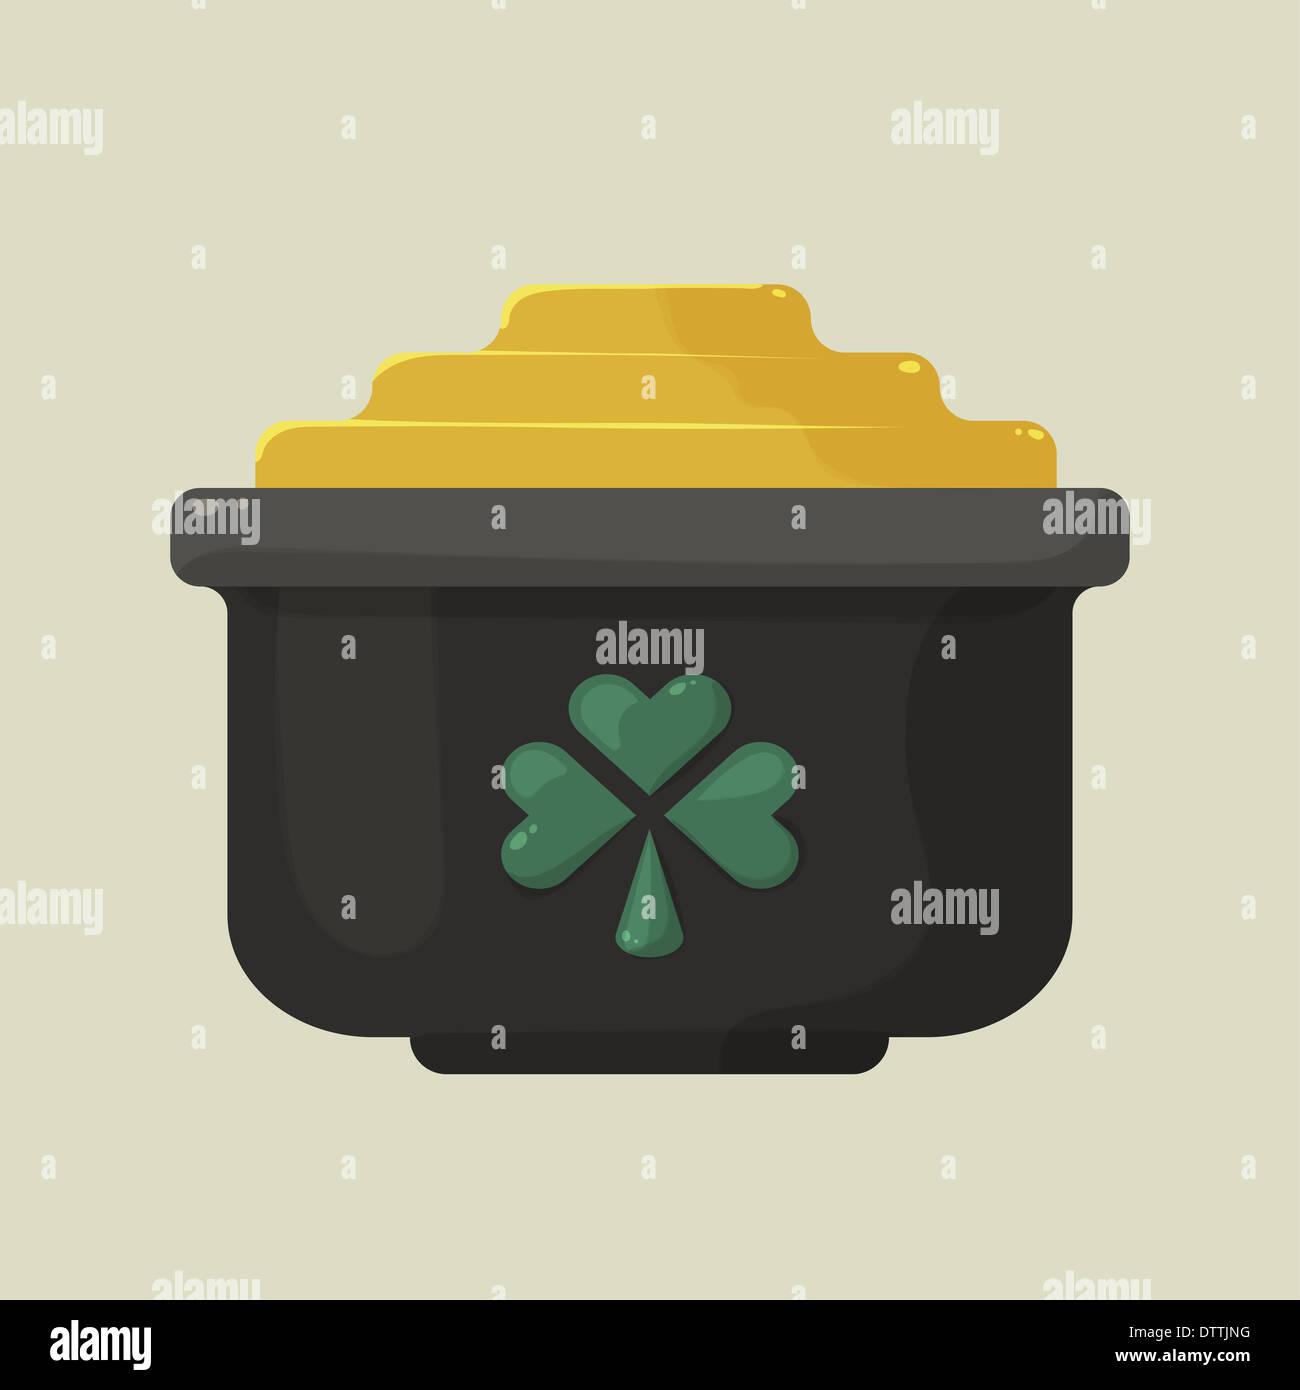 Estilizada cartoon brillante caldero de oro con un trébol verde Imagen De Stock